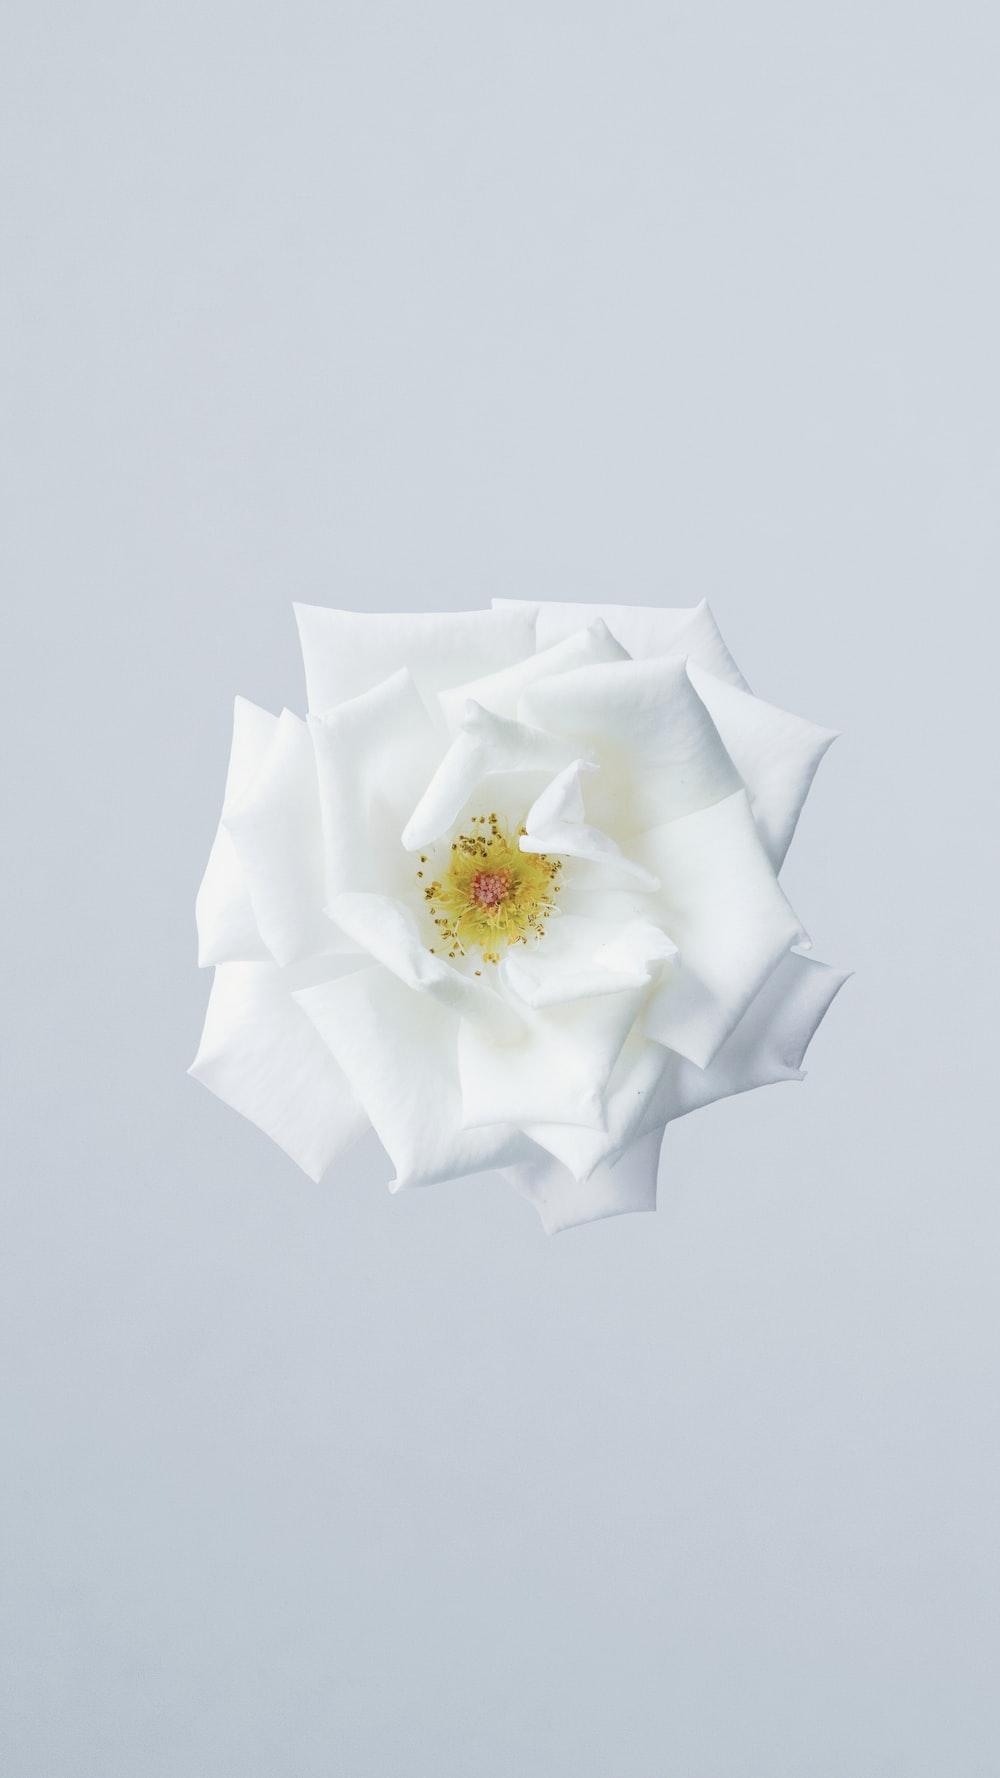 White Rose Photo By Majid Rangraz Majidrangraz On Unsplash